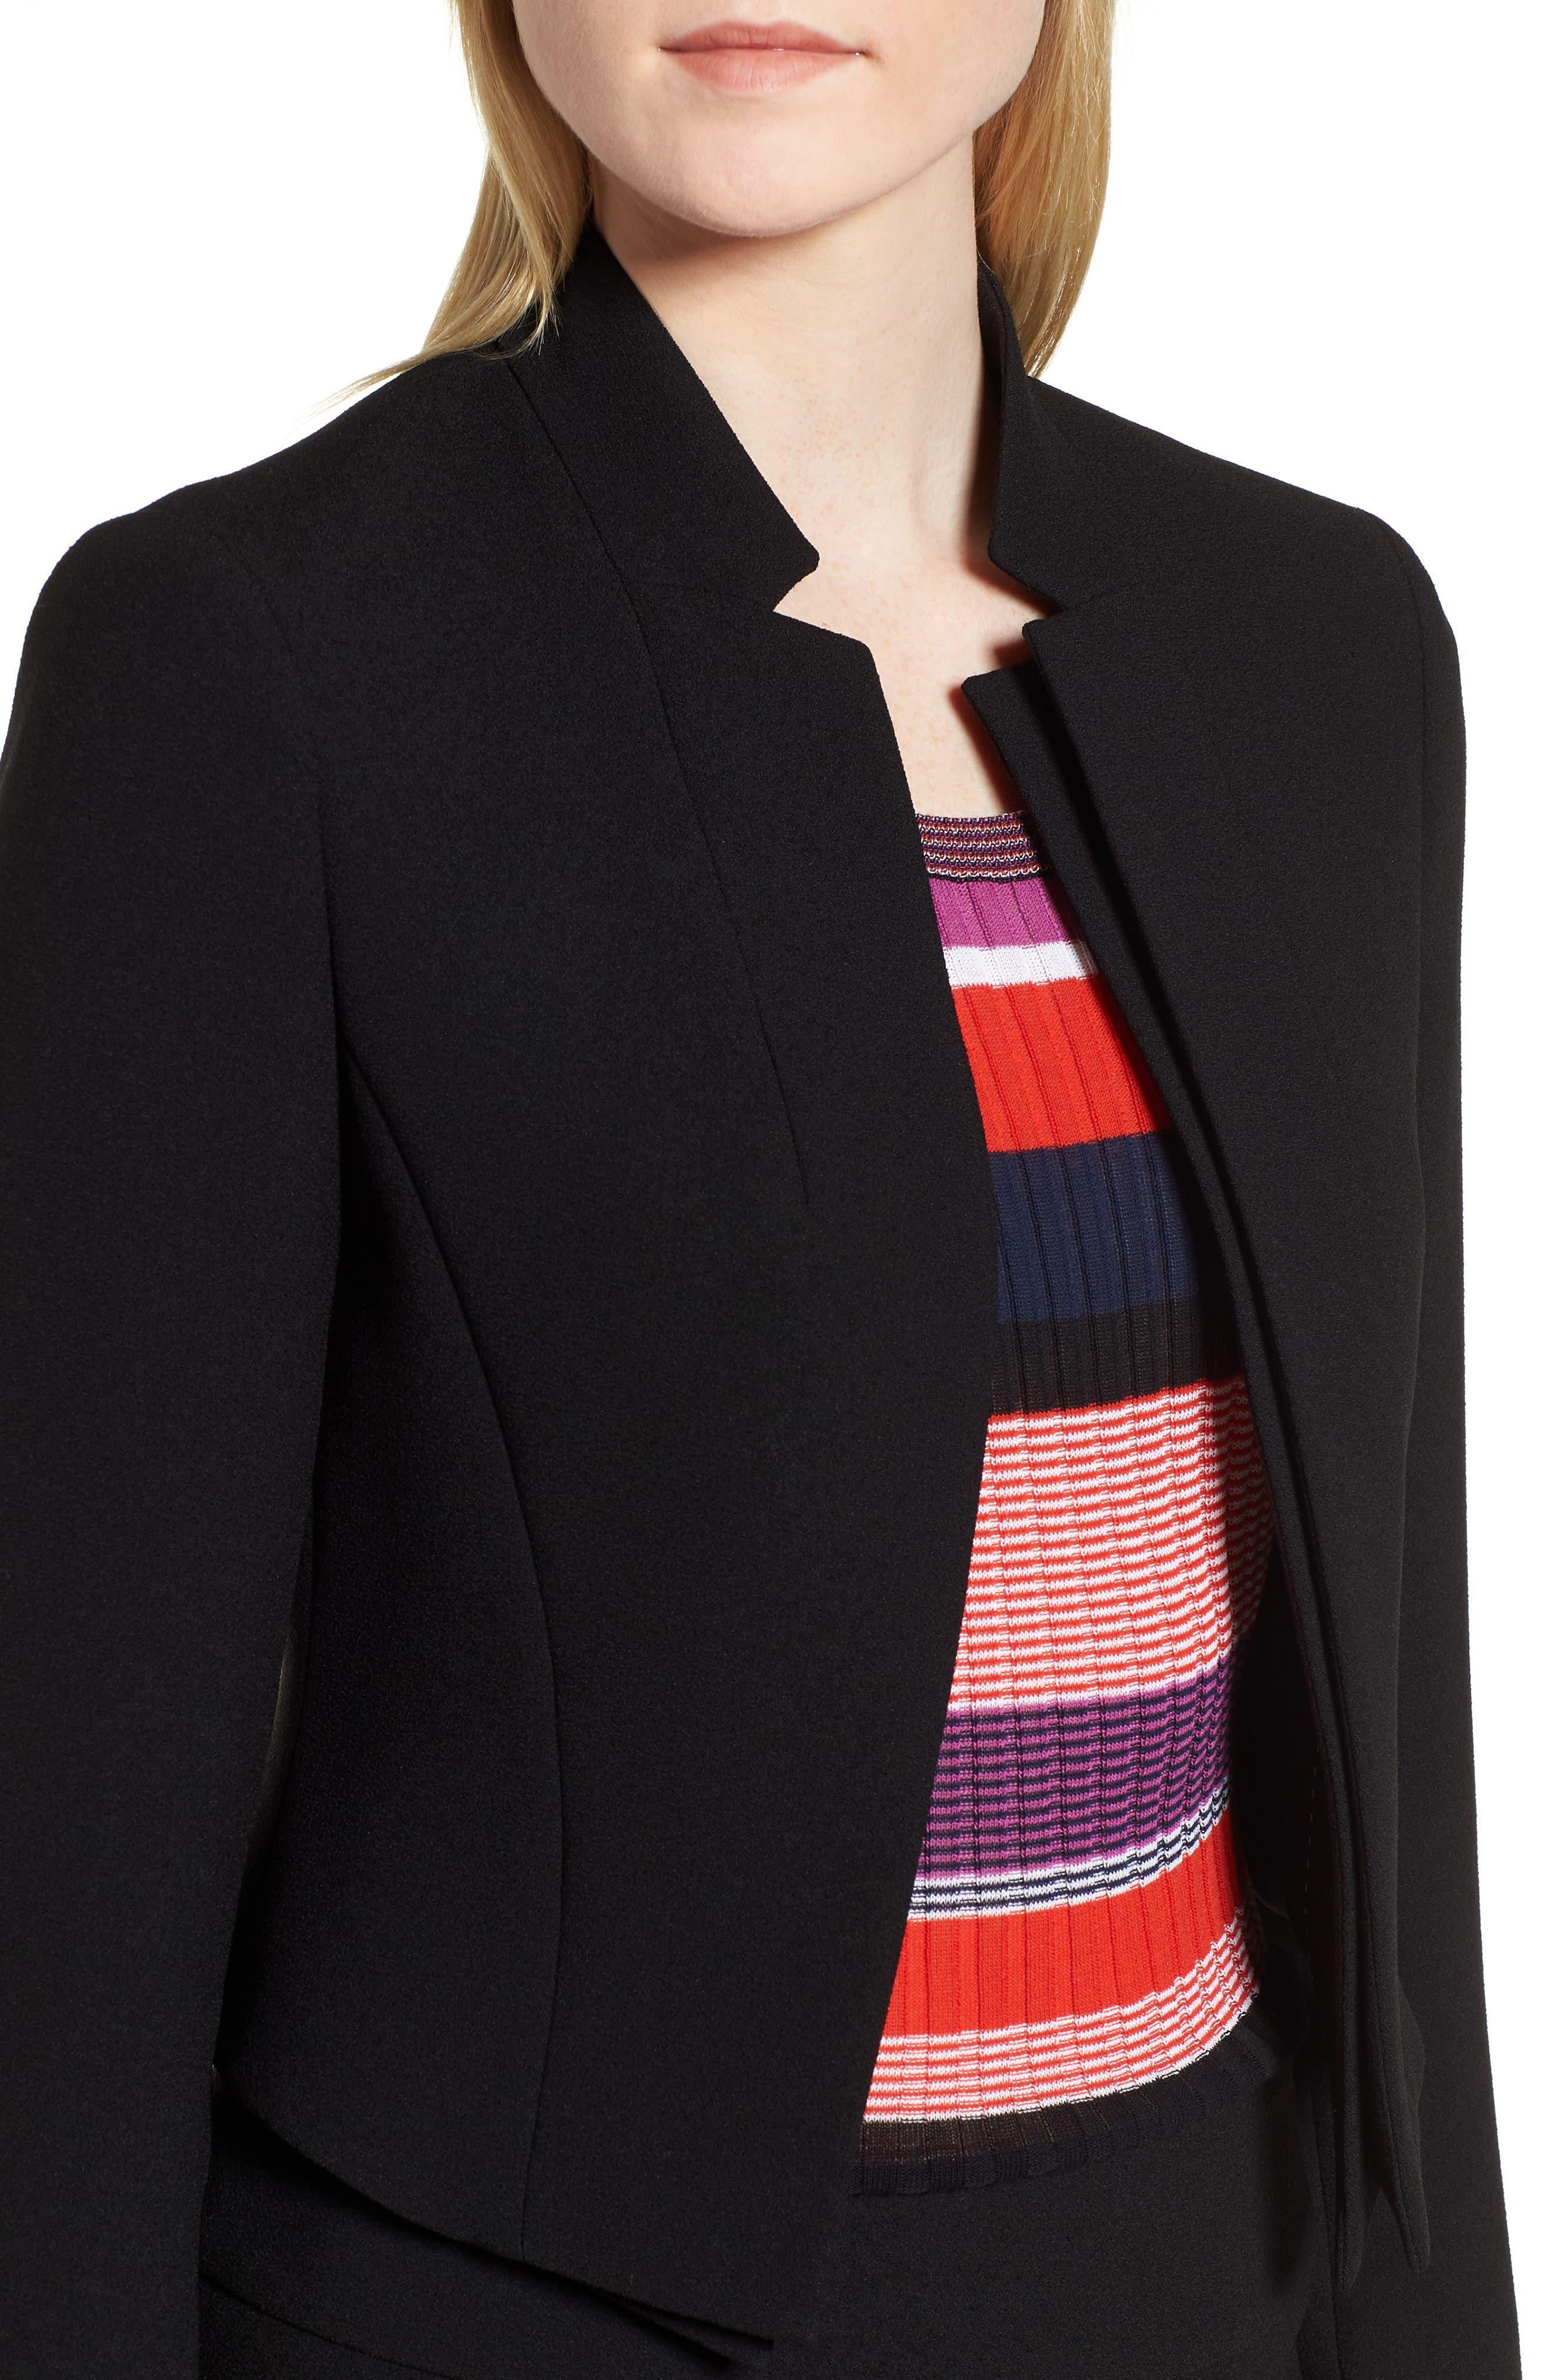 Jisala Compact Crepe Crop Jacket,                             Alternate thumbnail 3, color,                             Black